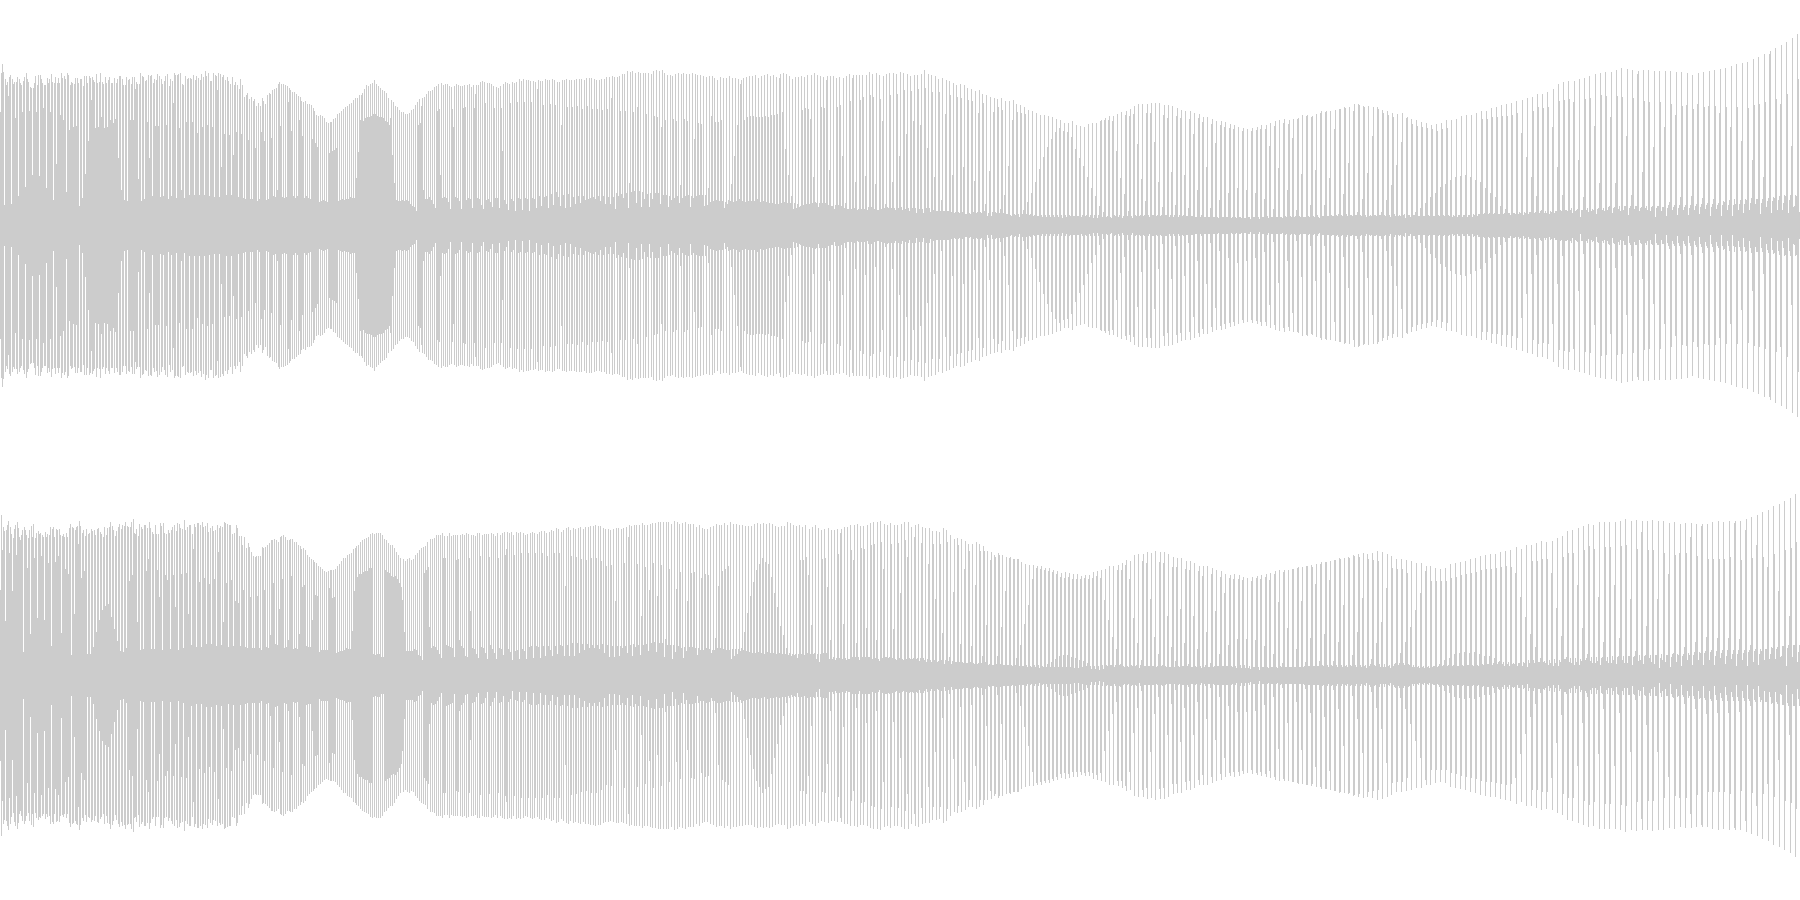 8ビット風下降音の未再生の波形